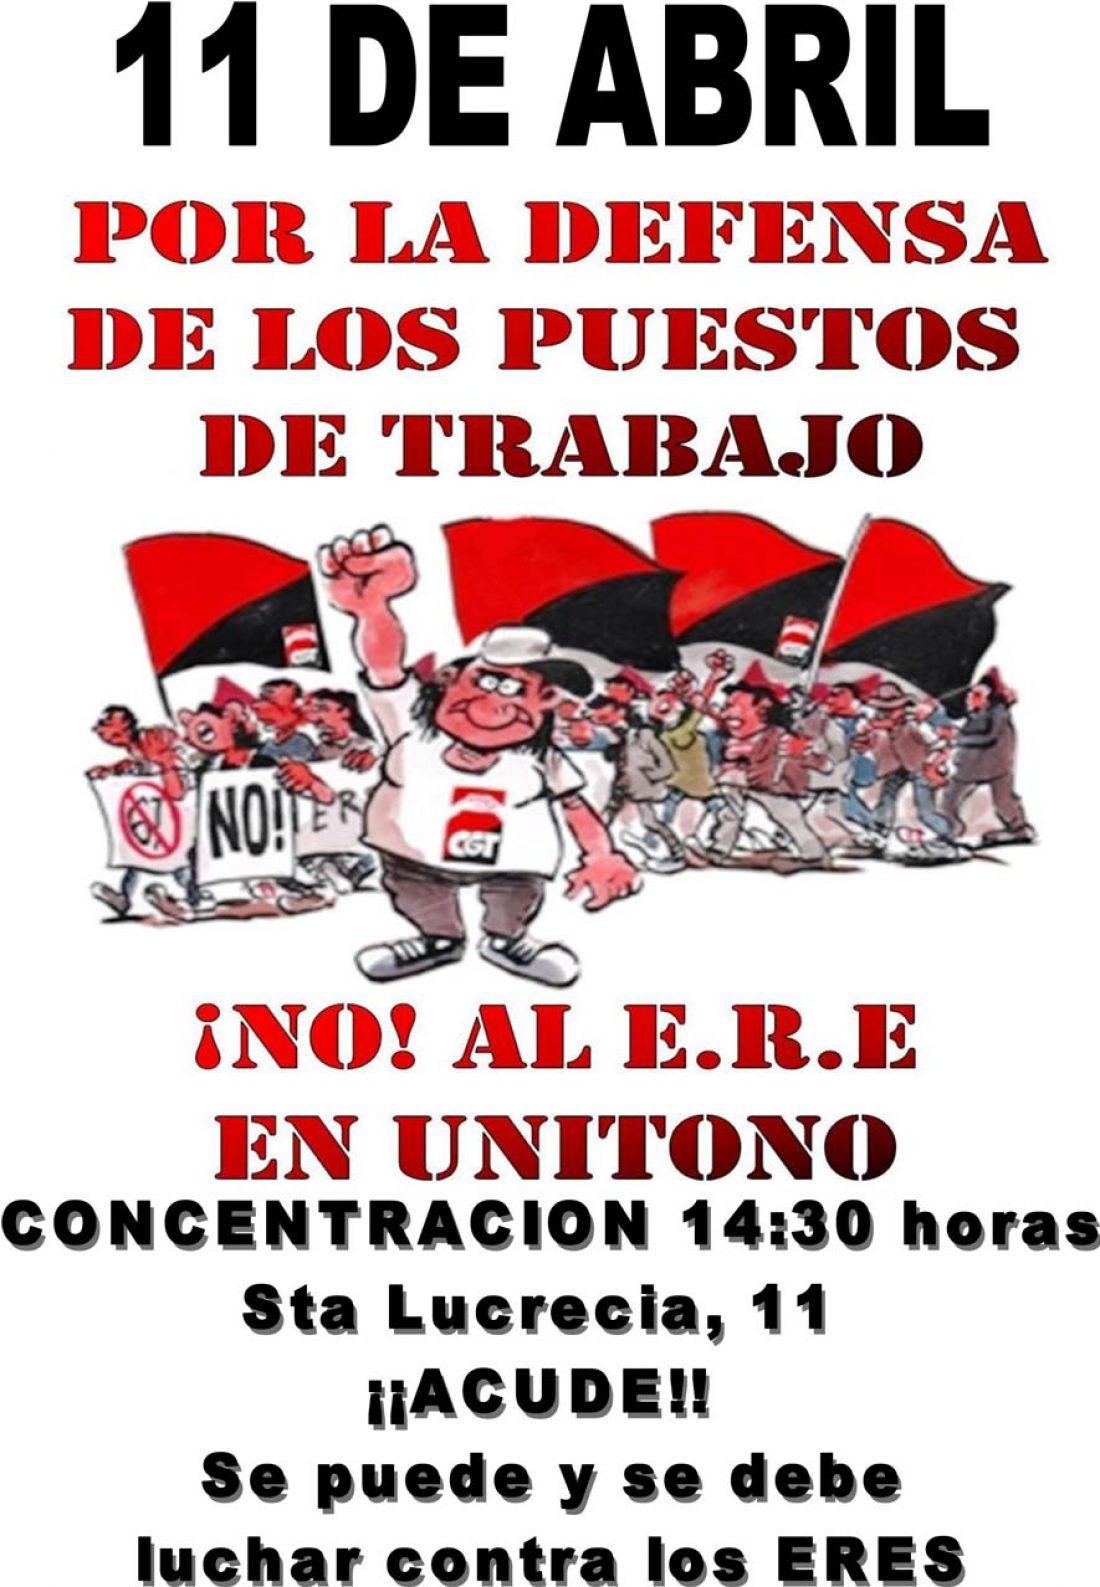 11 de abril: Concentraciones contra el ERE de Unítono